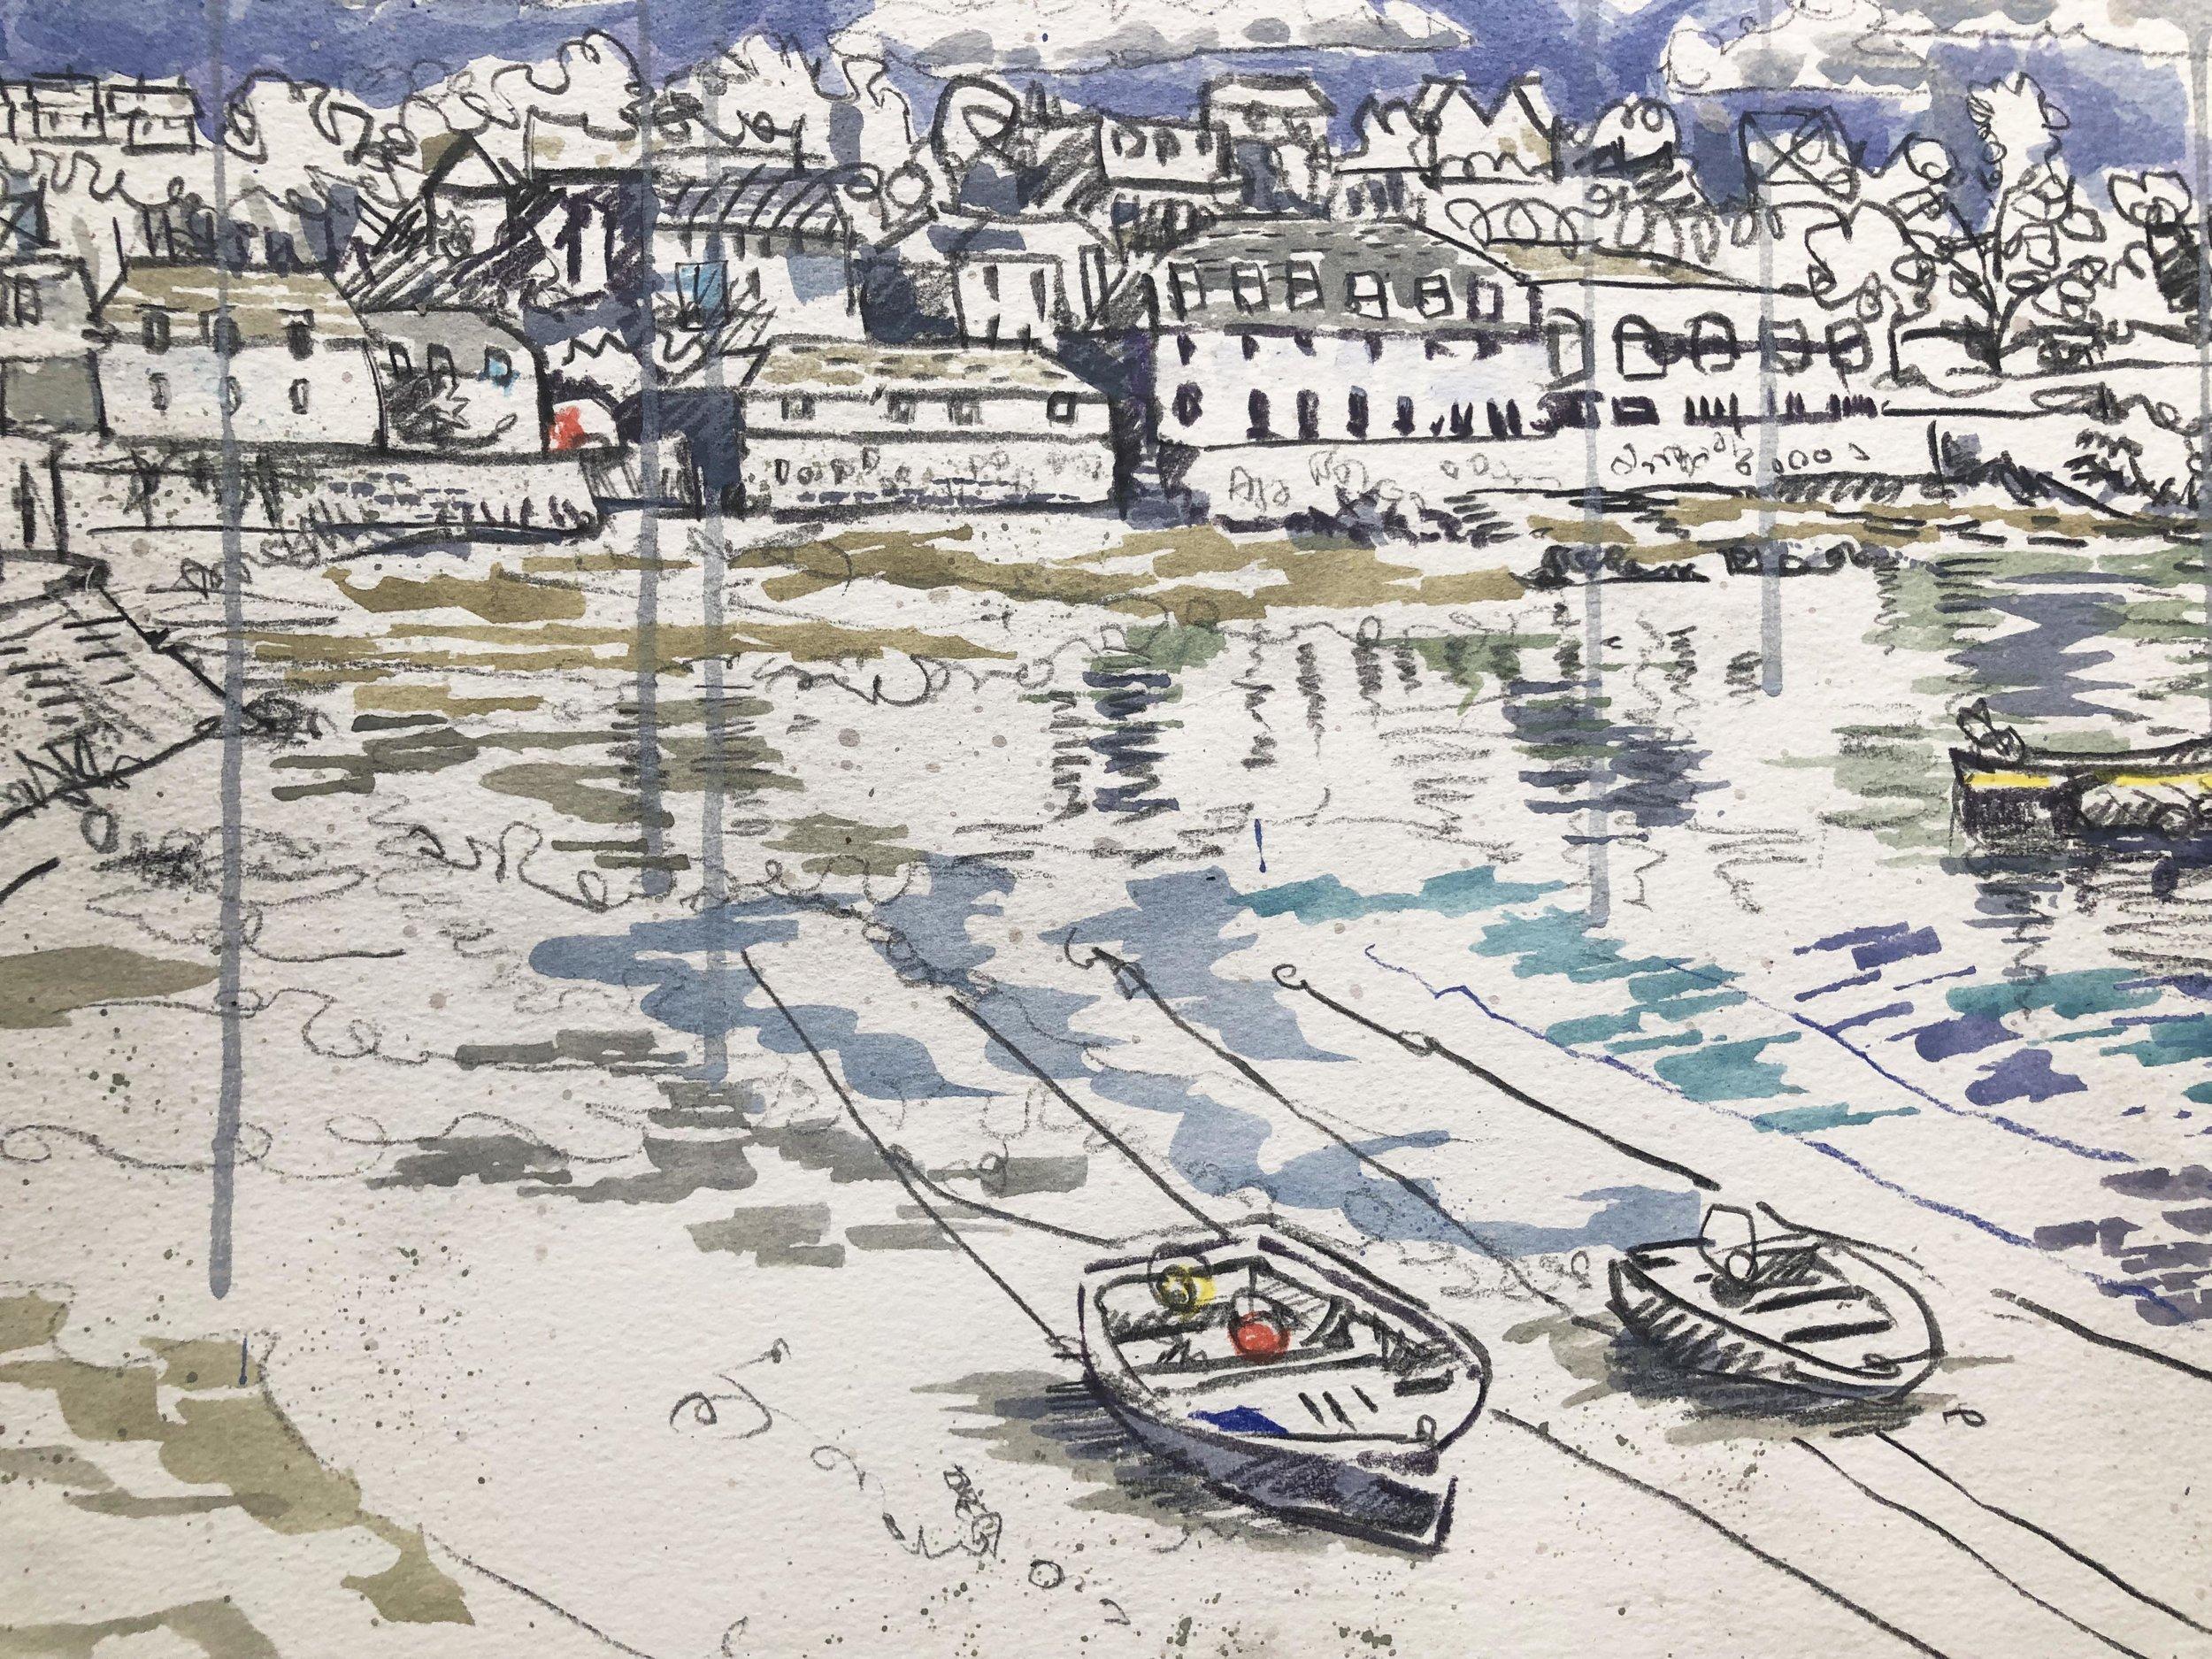 KIrsten_Jones_Art_St_Mawes2_Cornwall.jpg